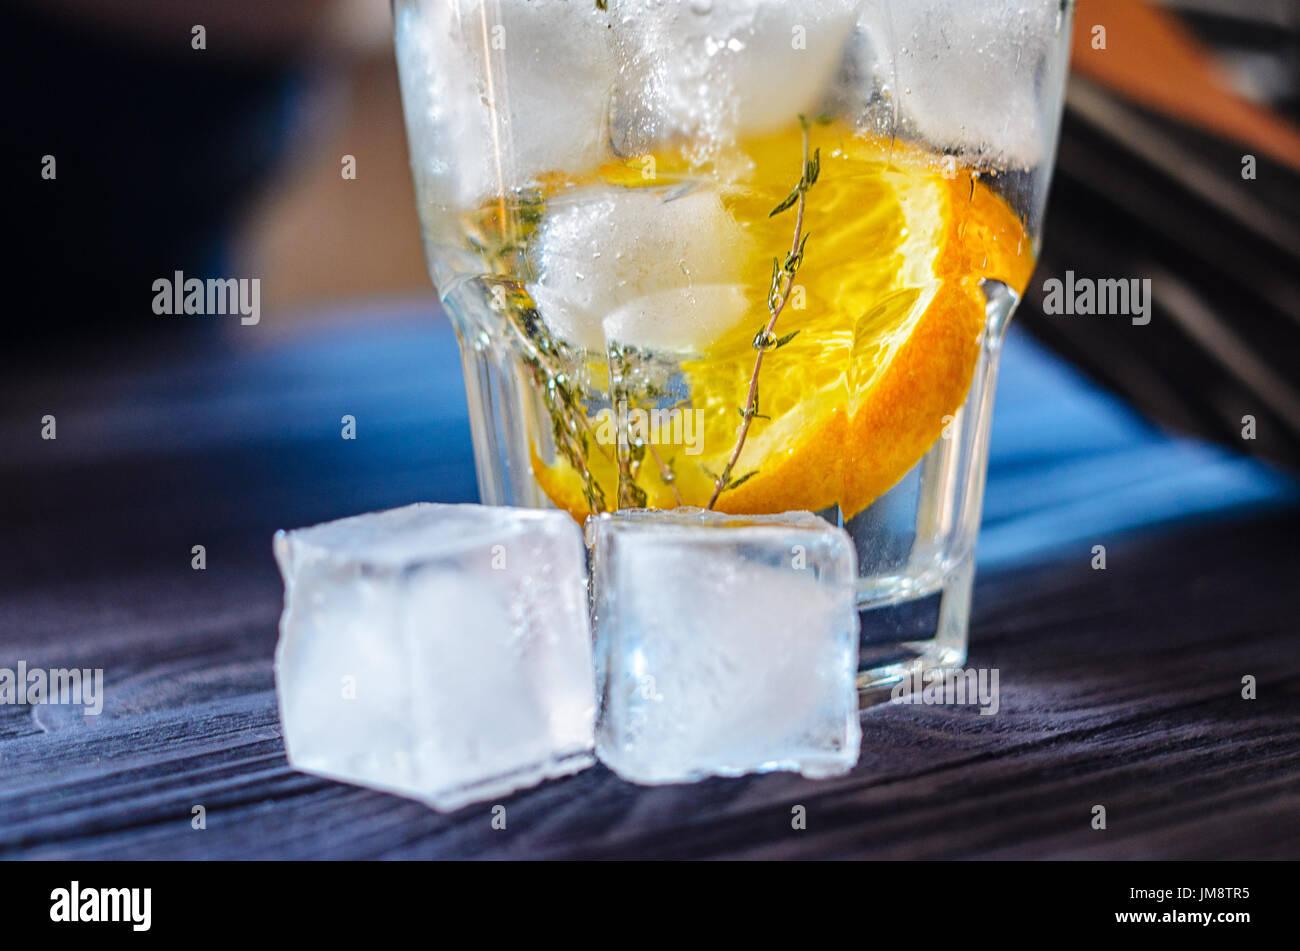 Alkoholisches Getränk mit Zitrone und Eis in einem Glas auf einem alten dunklen Holztisch. Nahaufnahme des kaltes Getränk Stockbild